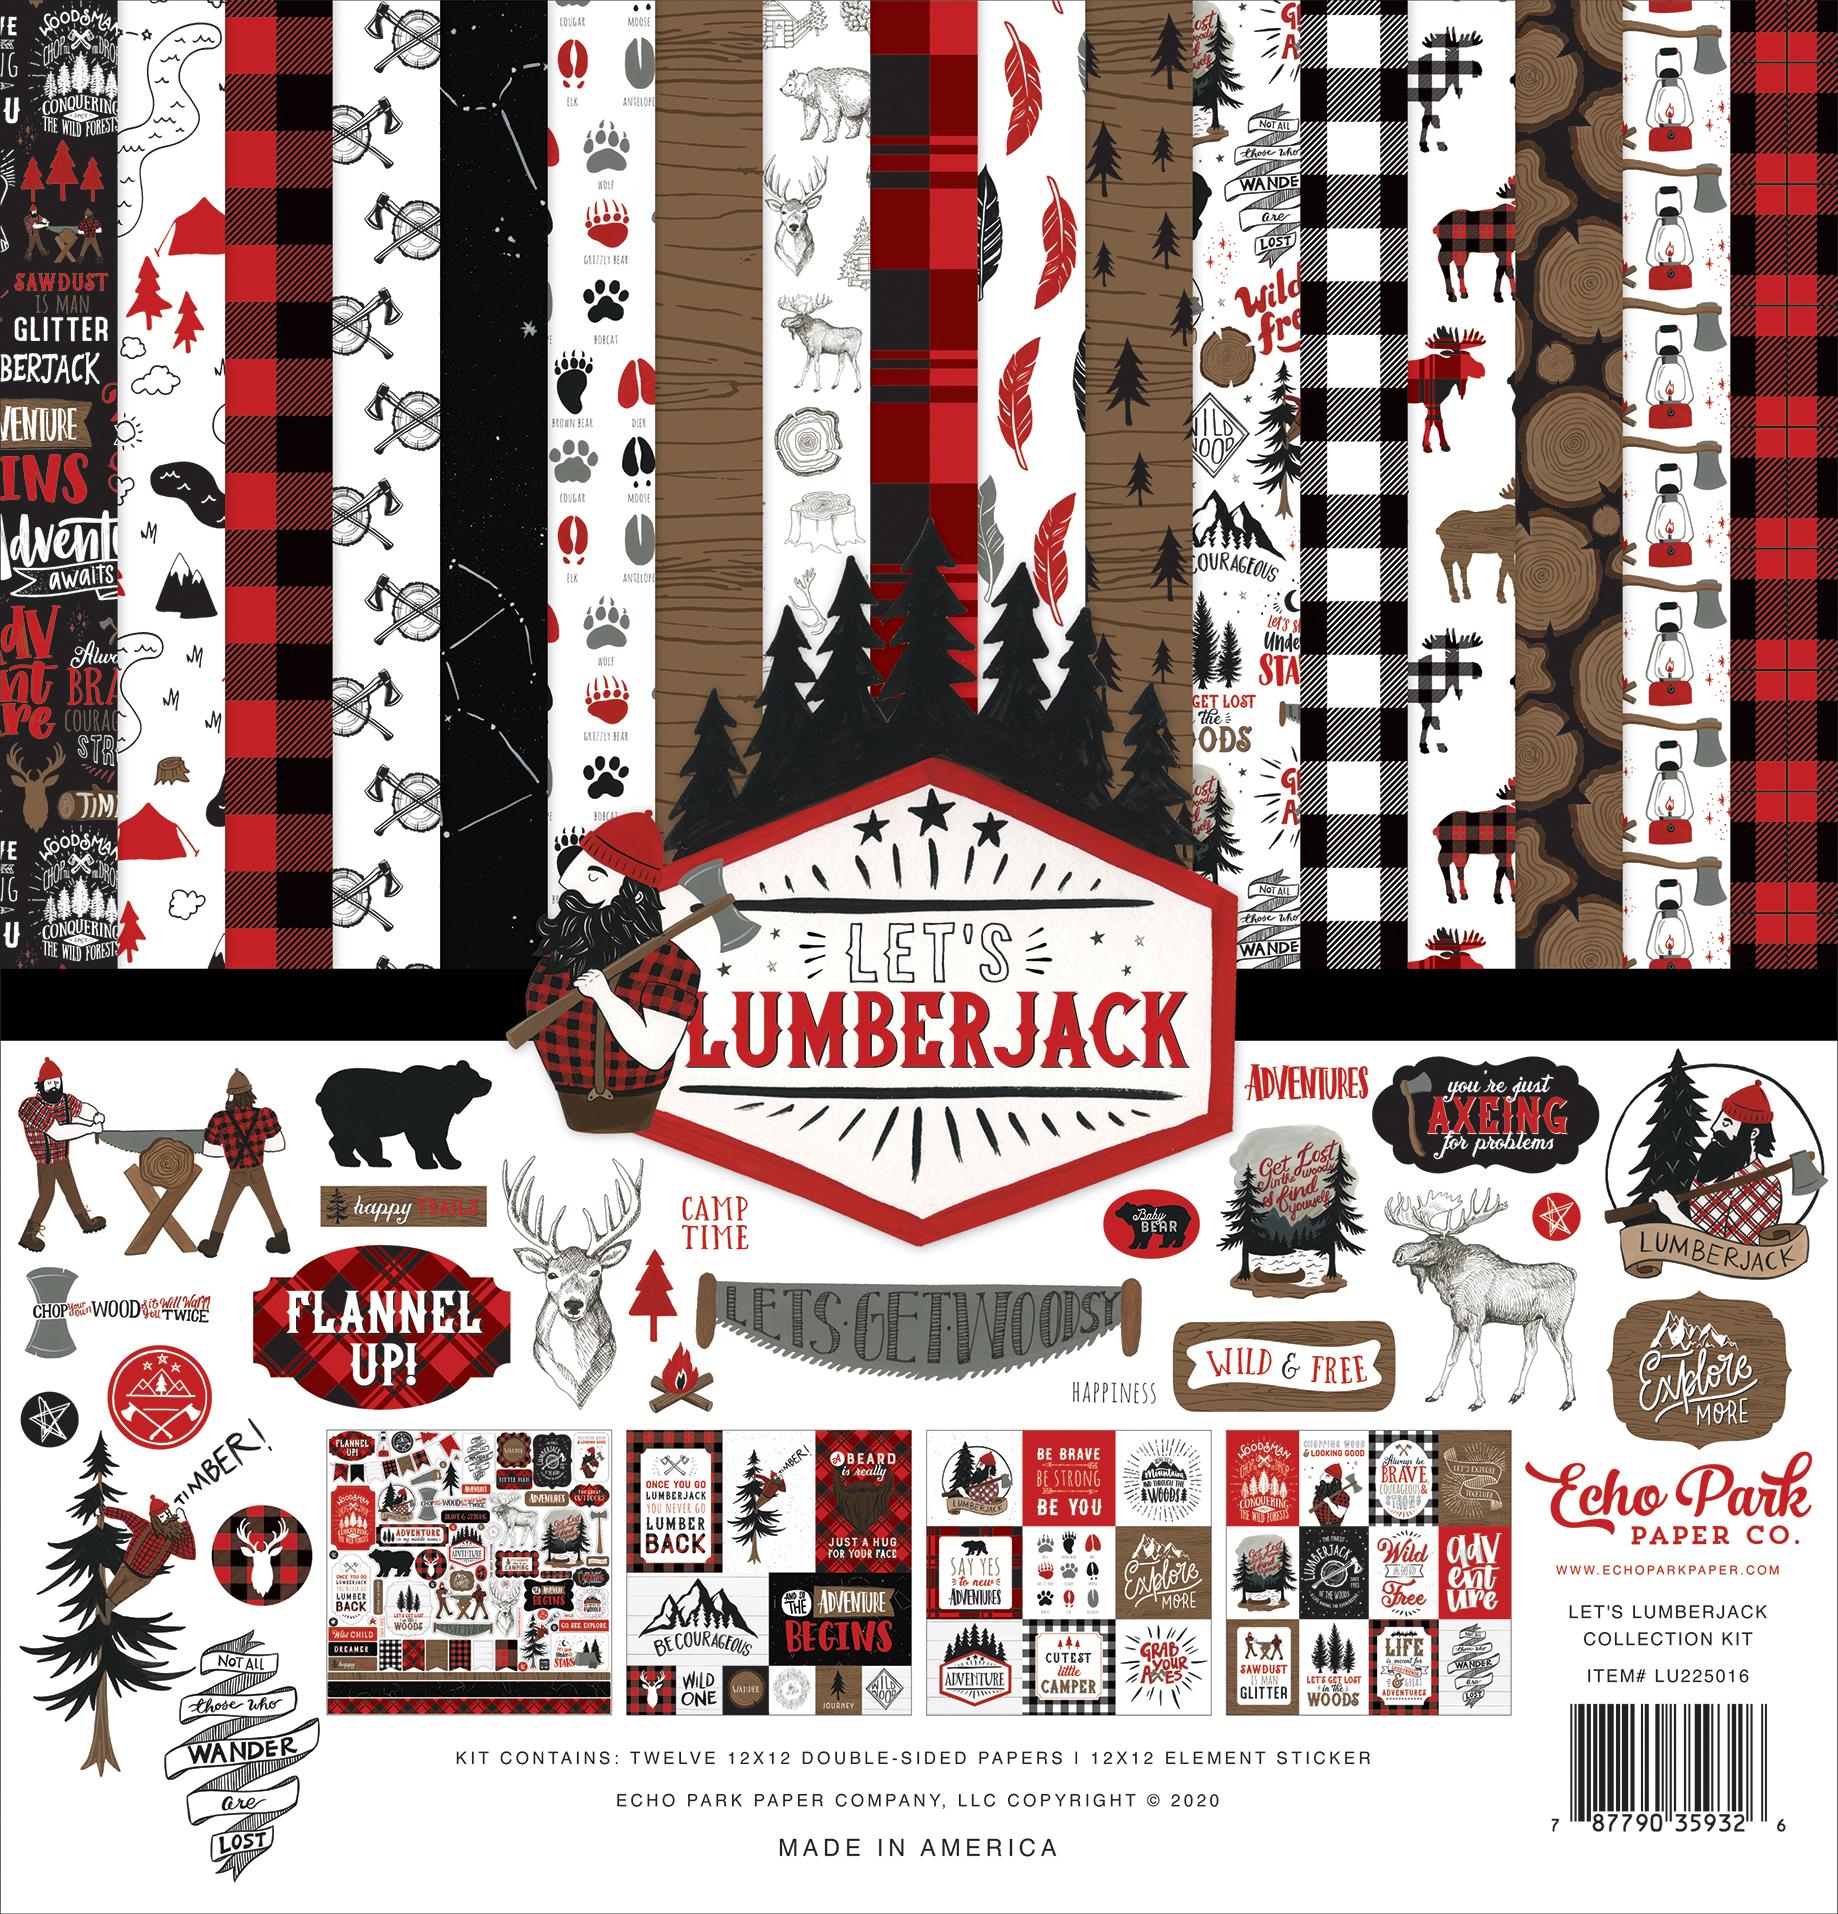 Let's Lumberjack